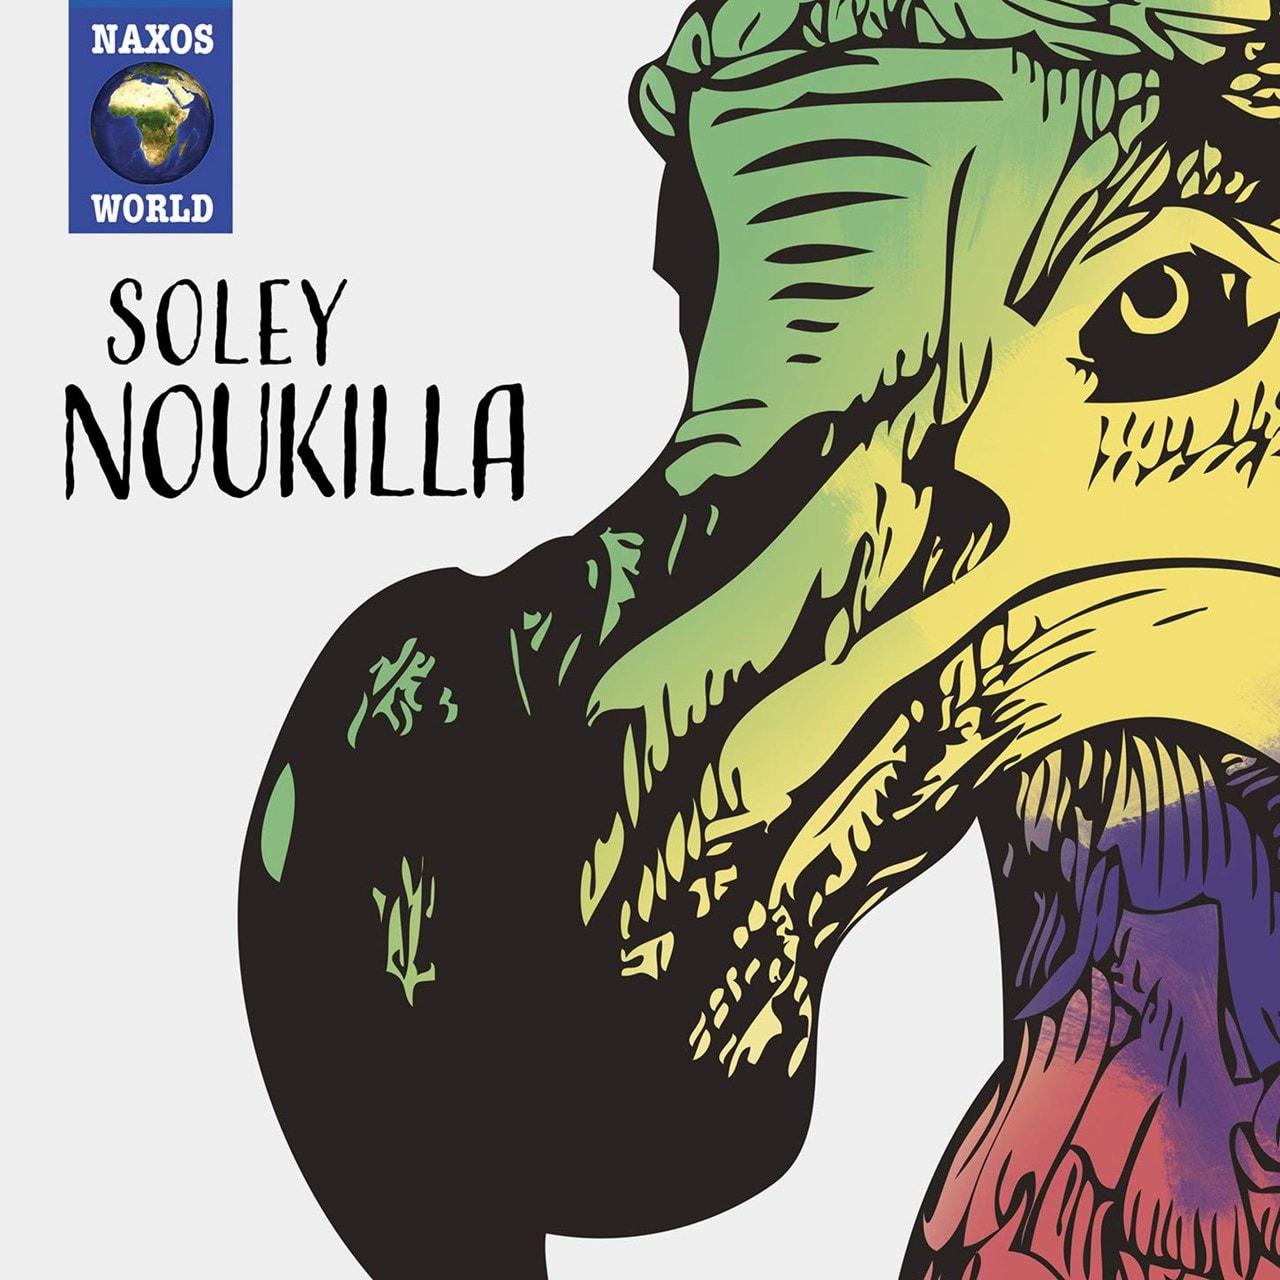 Noukilla: Soley - 1